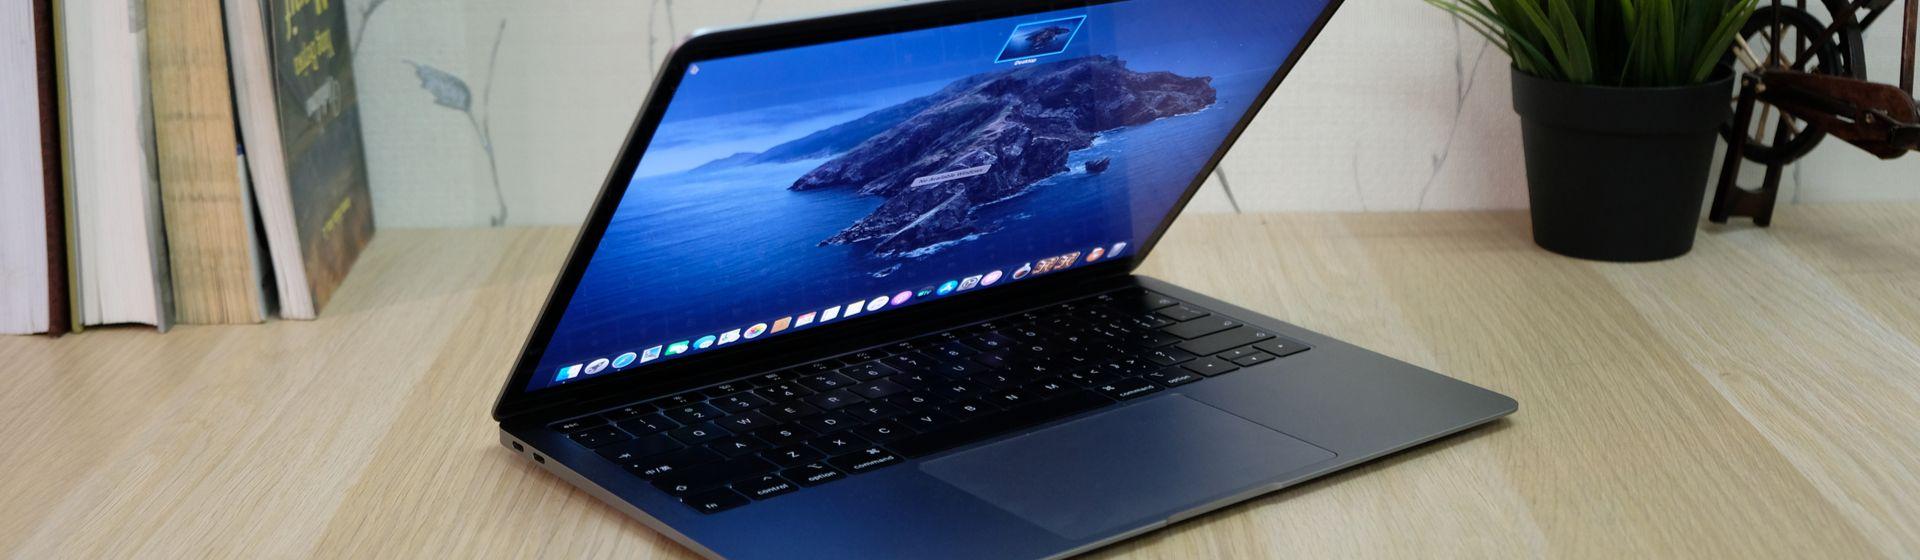 Apple pode lançar MacBook Air com tela Mini-LED em 2022, dizem rumores